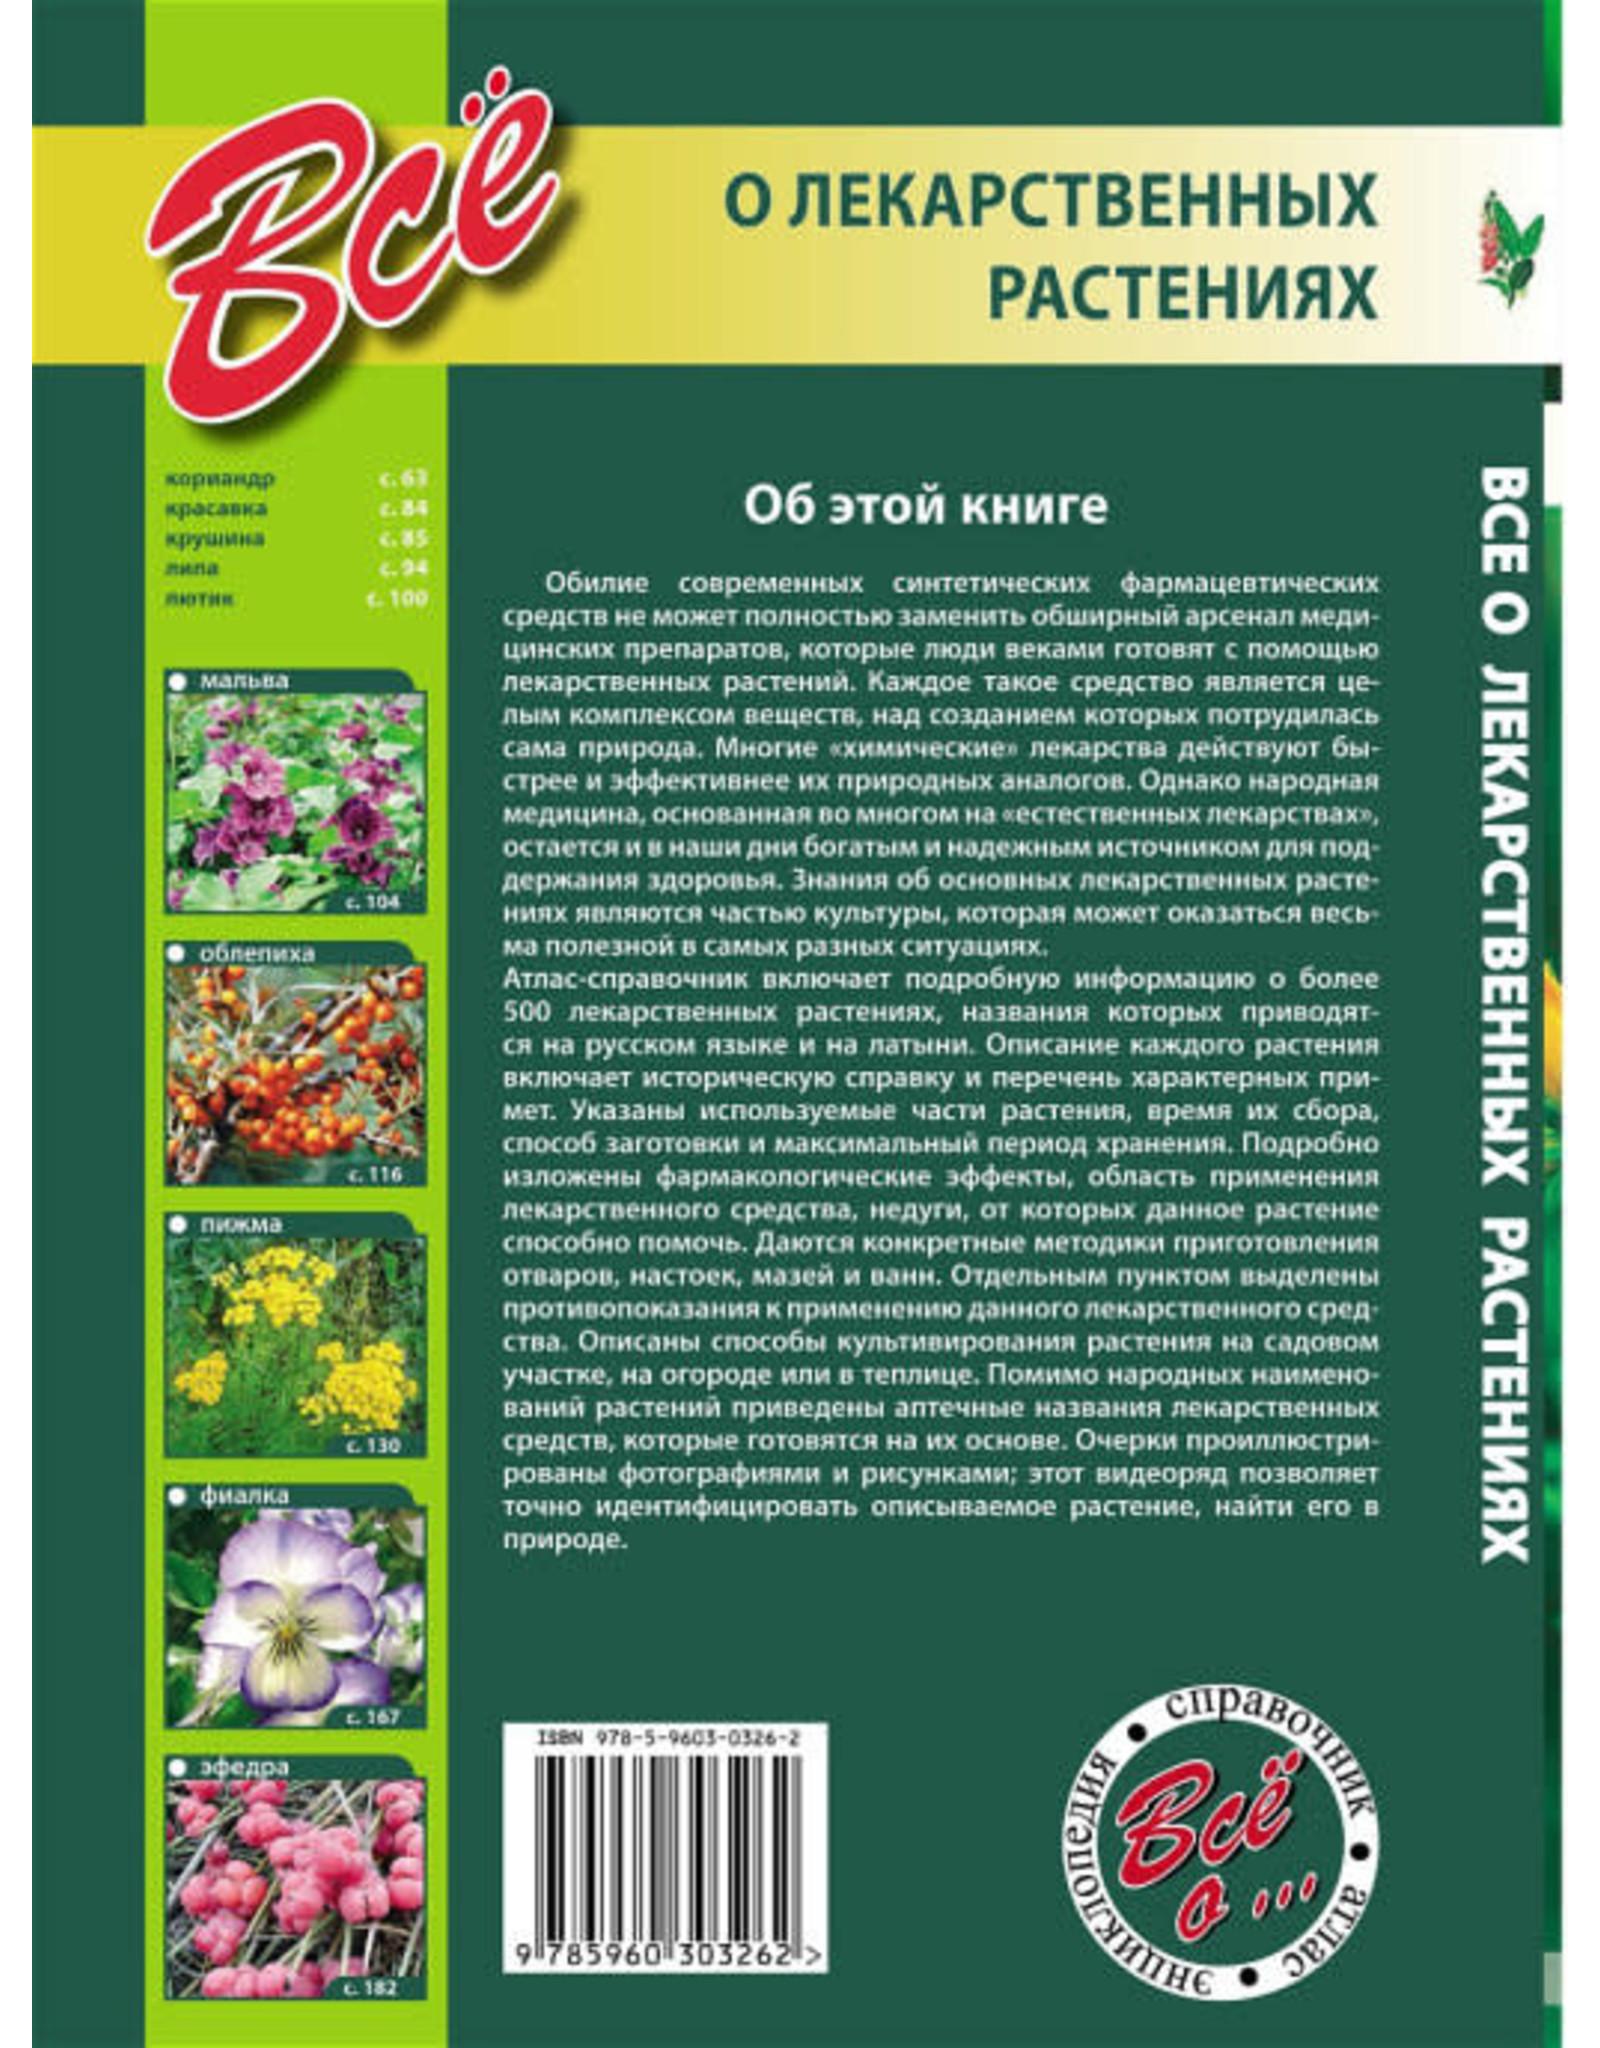 Всё о лекарственных Растениях, Атлас-справочник